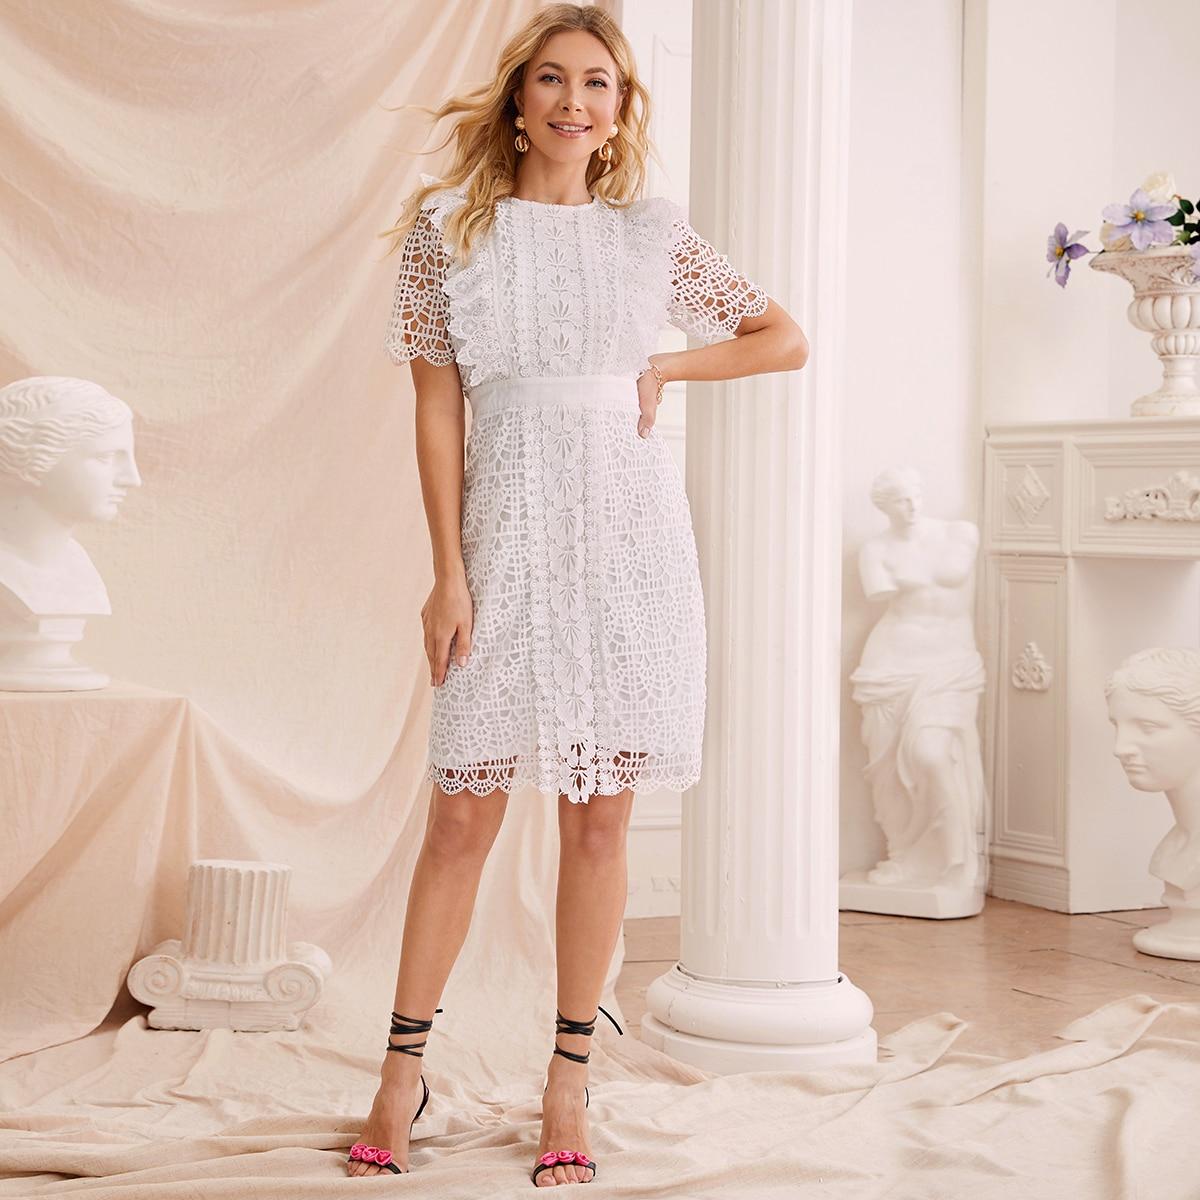 Кружевное платье с оборками фото